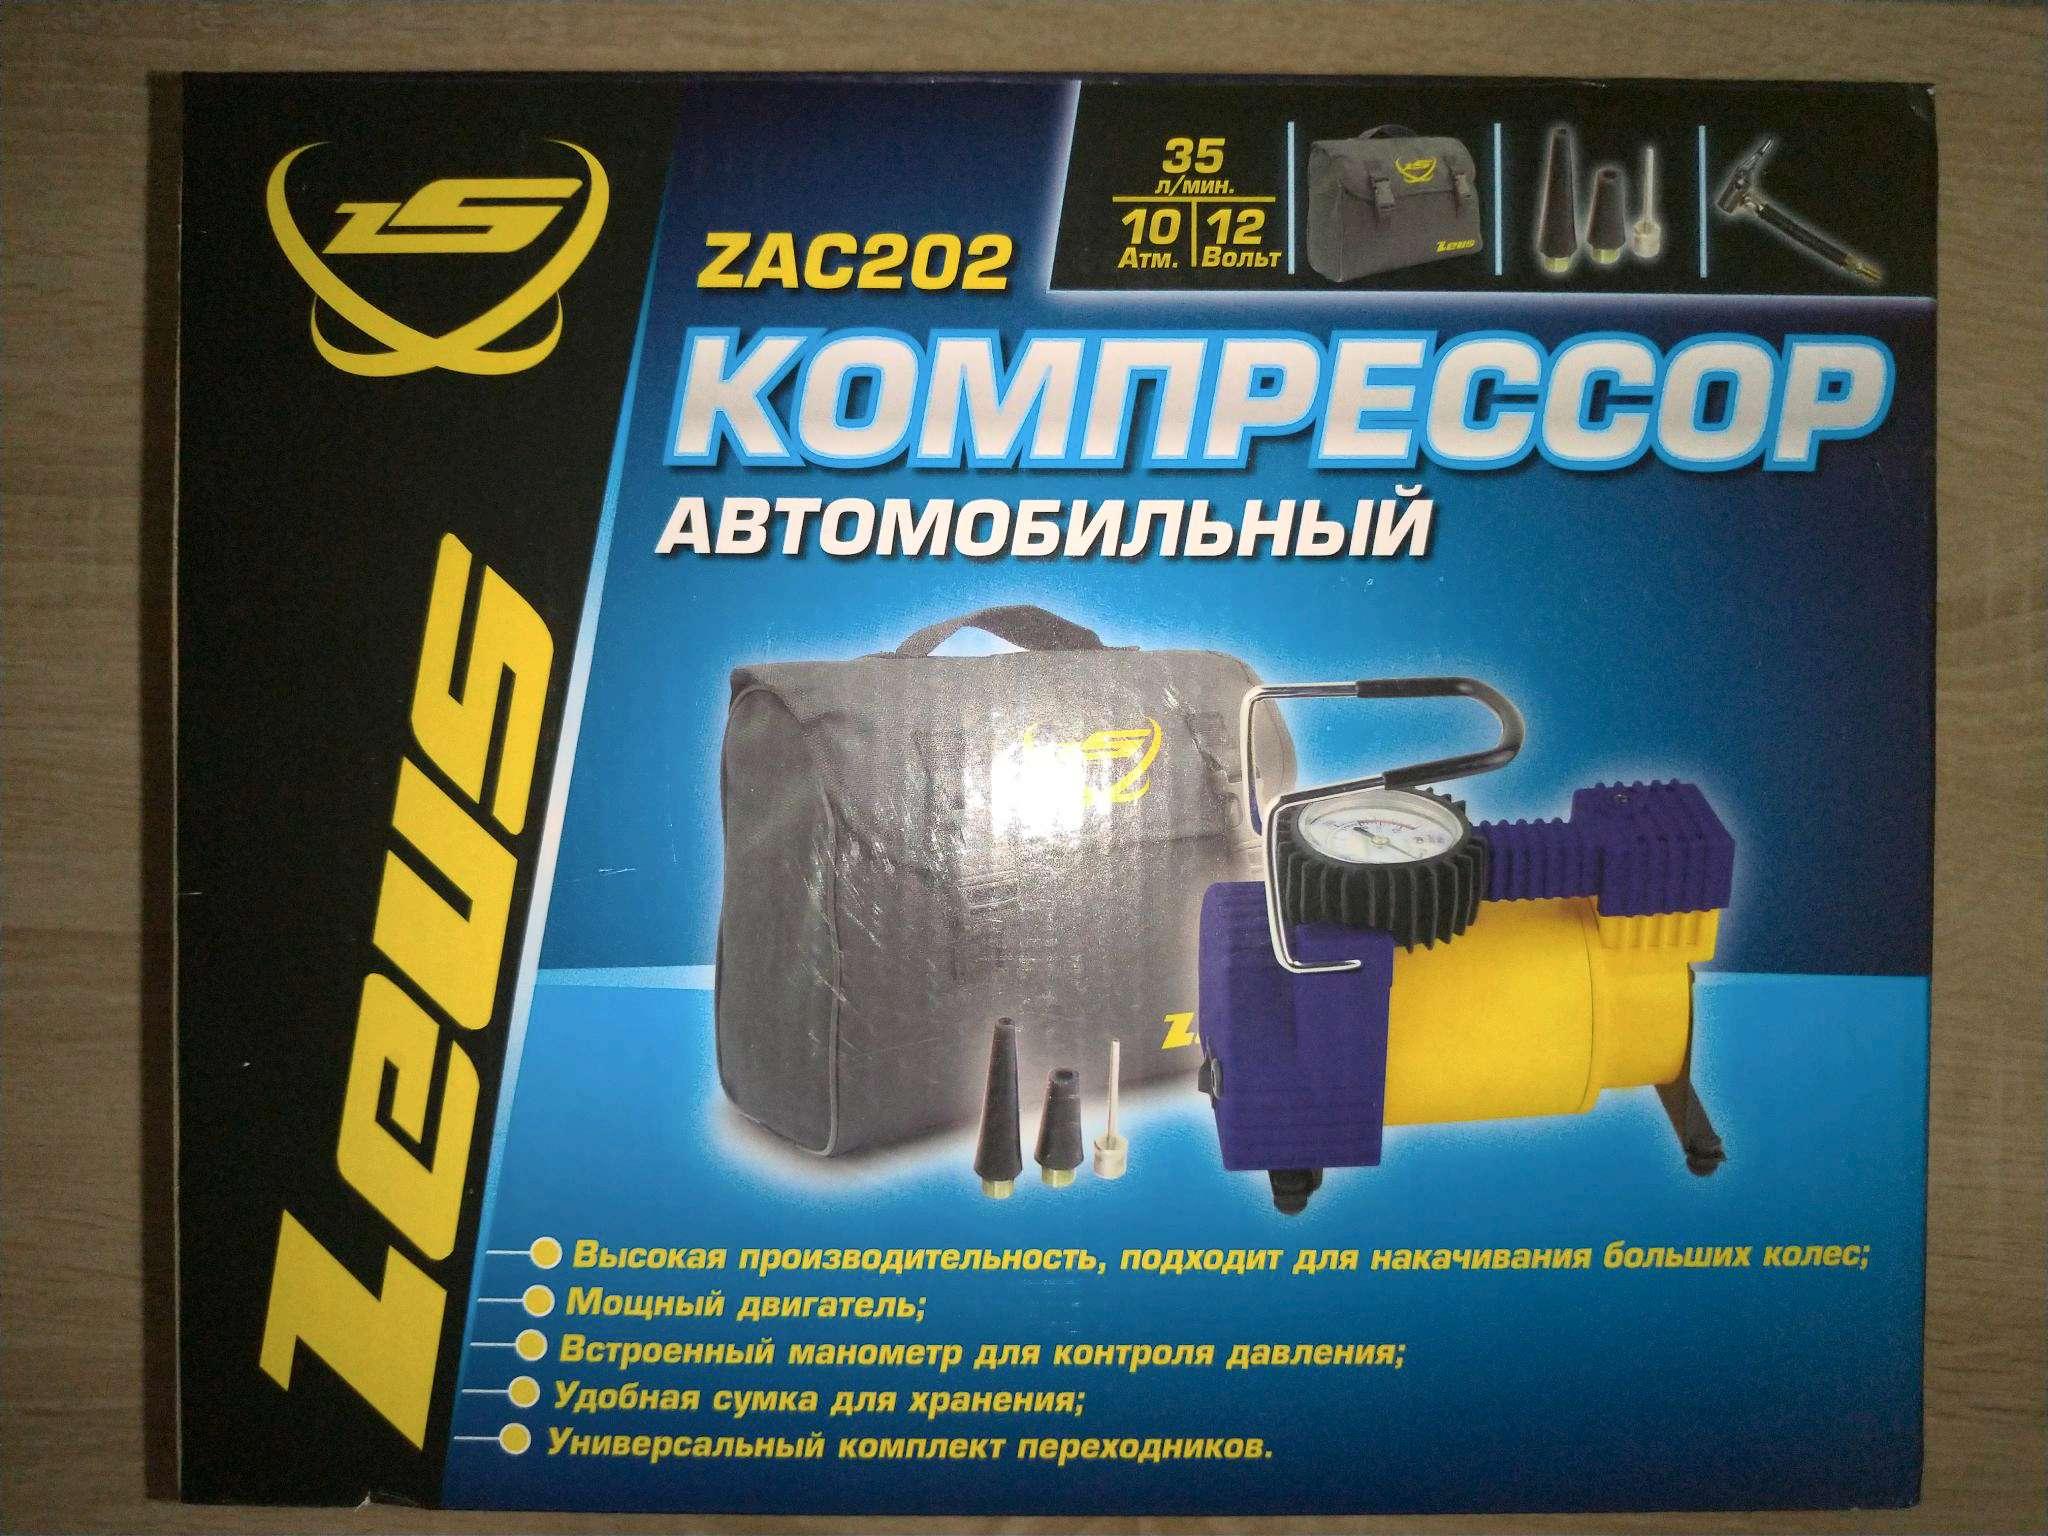 Автомобильный компрессор Zeus ZAC202